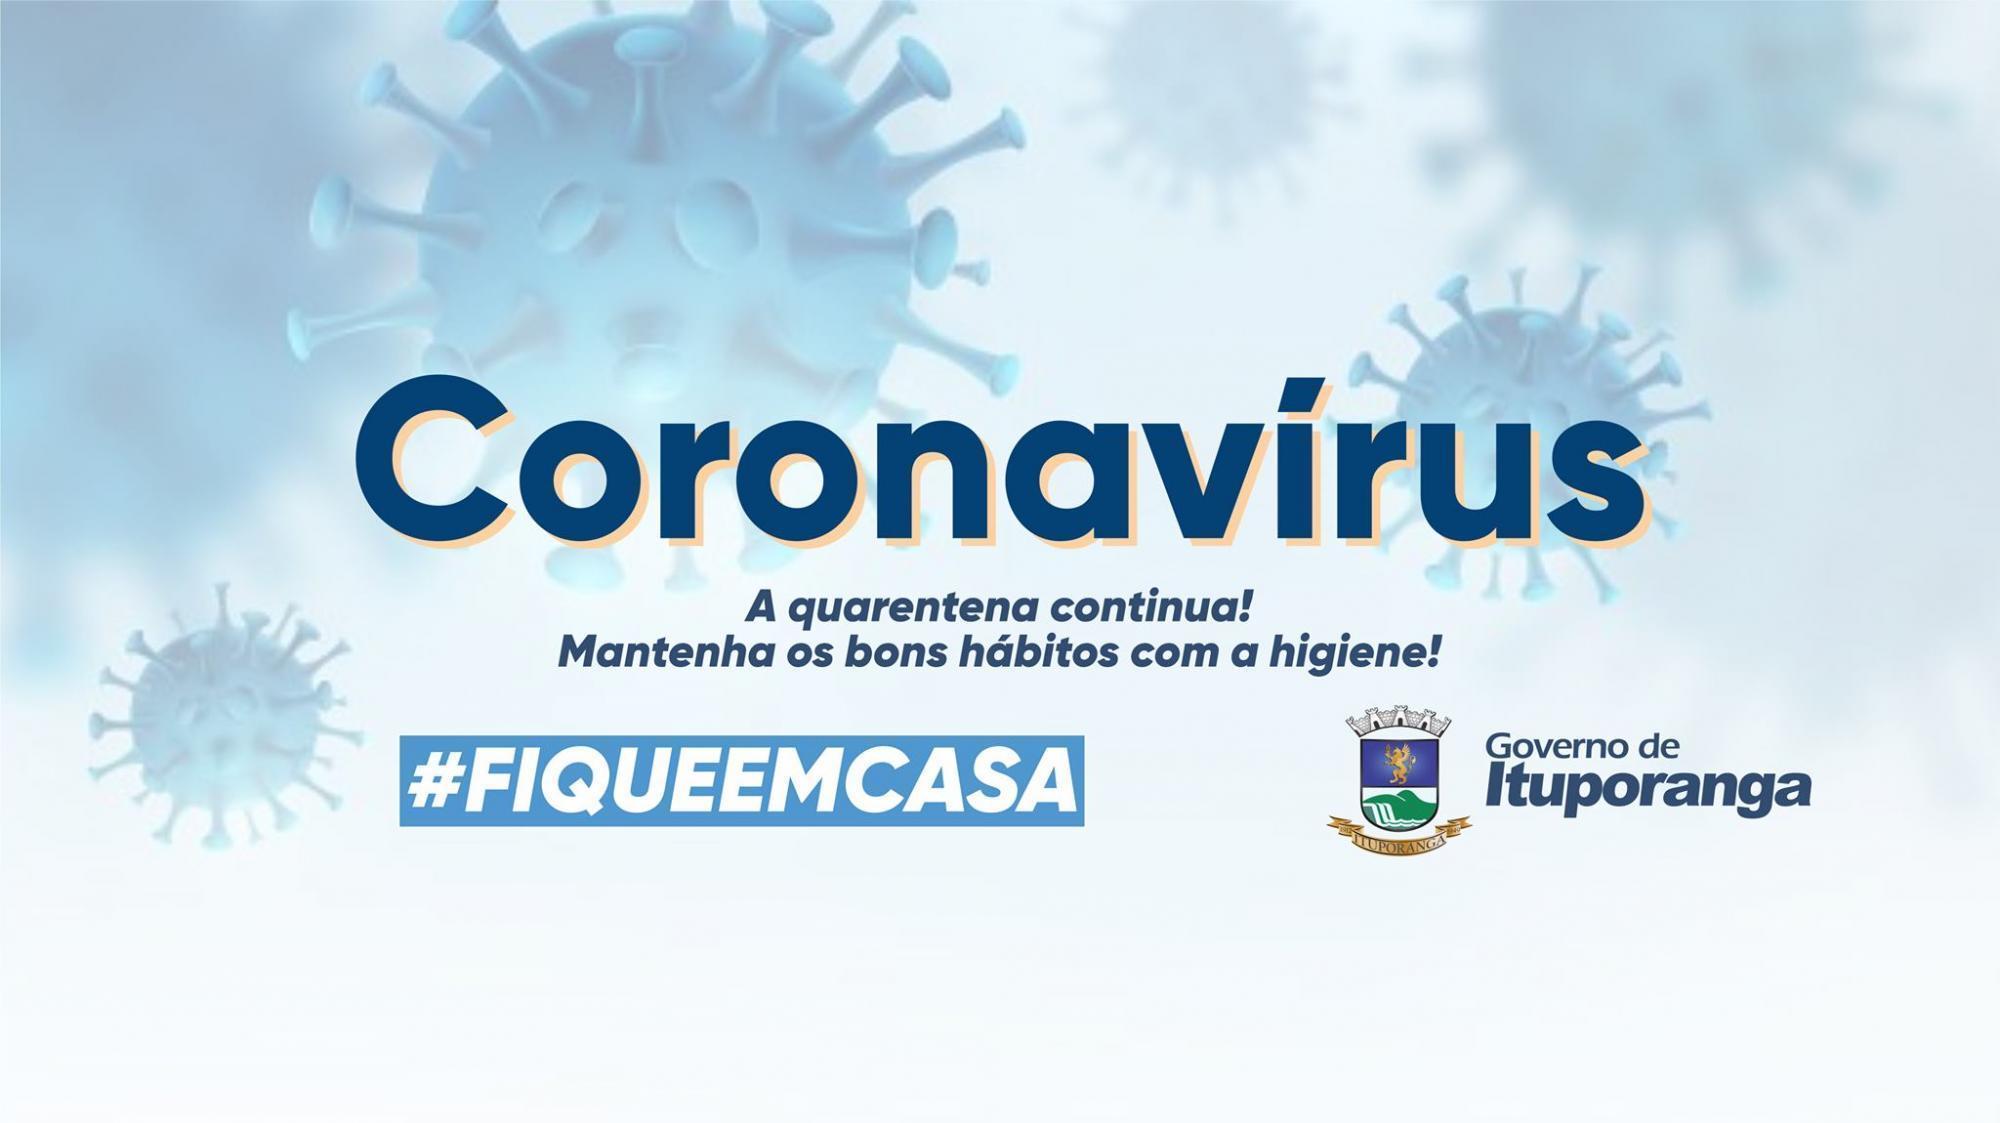 Covid-19: Resultados de famílias em isolamento em Ituporanga dão negativos para coronavírus